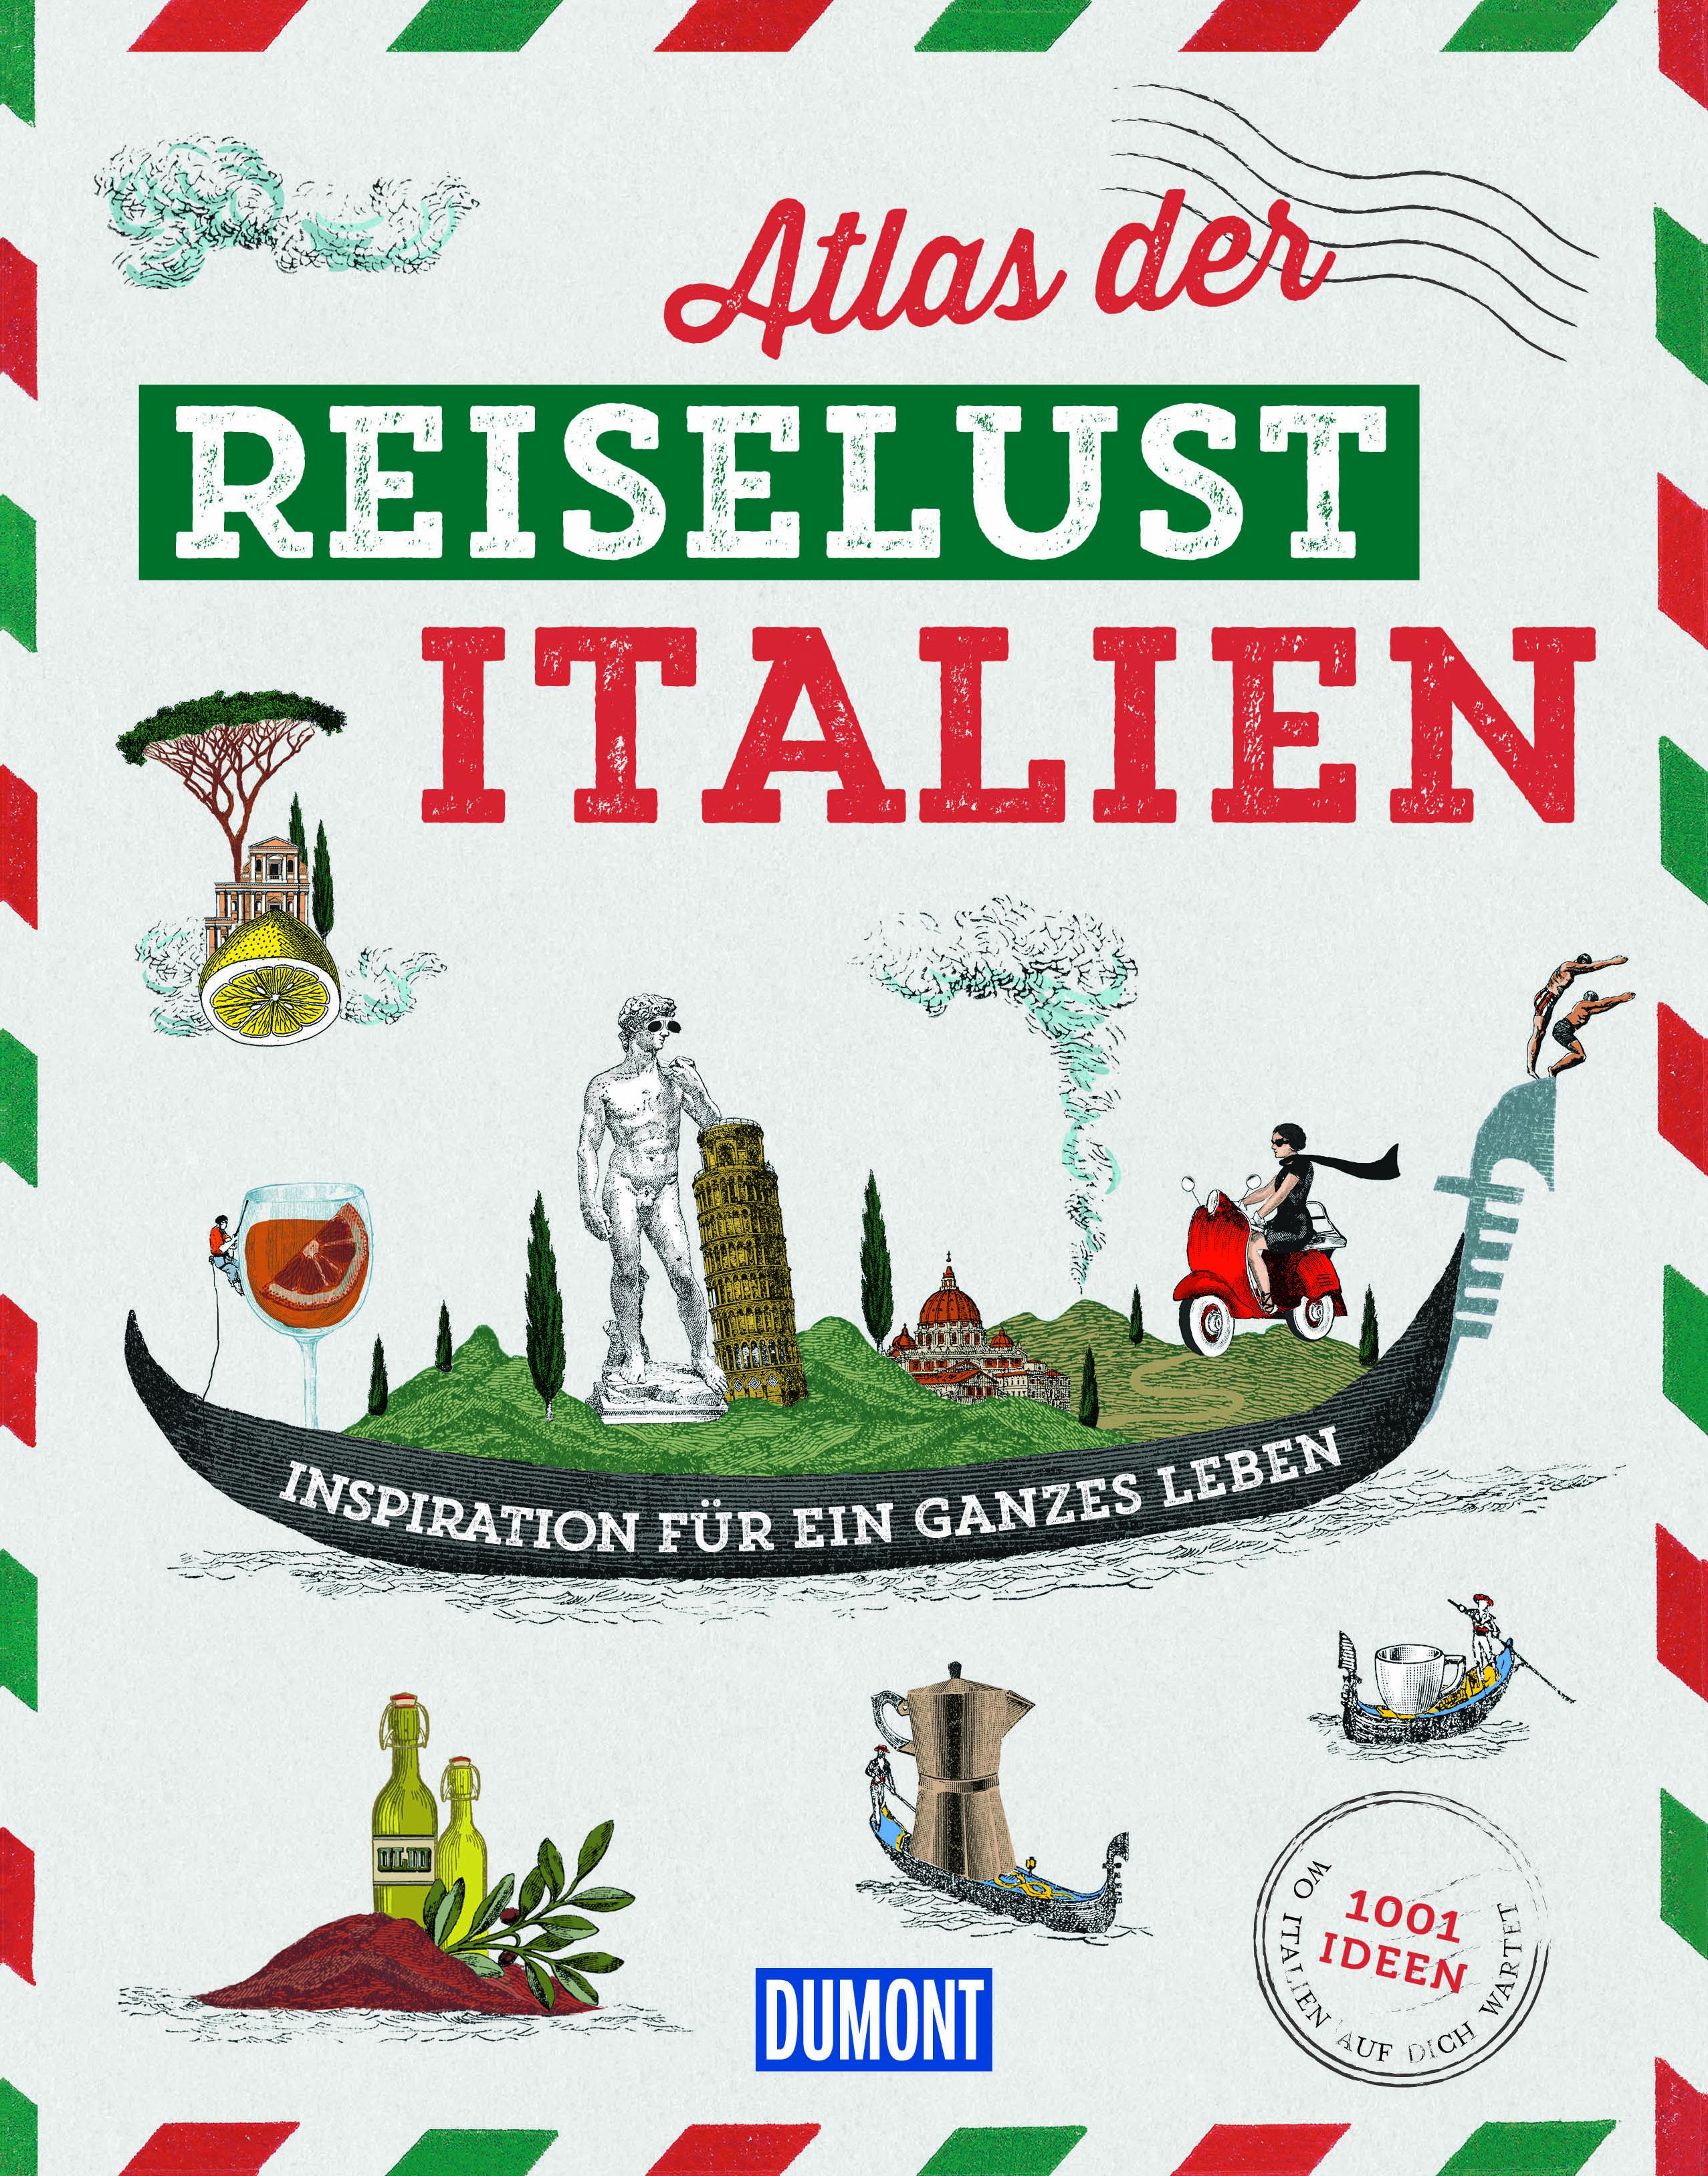 Atlas der Reiselust – Italien (Cover)